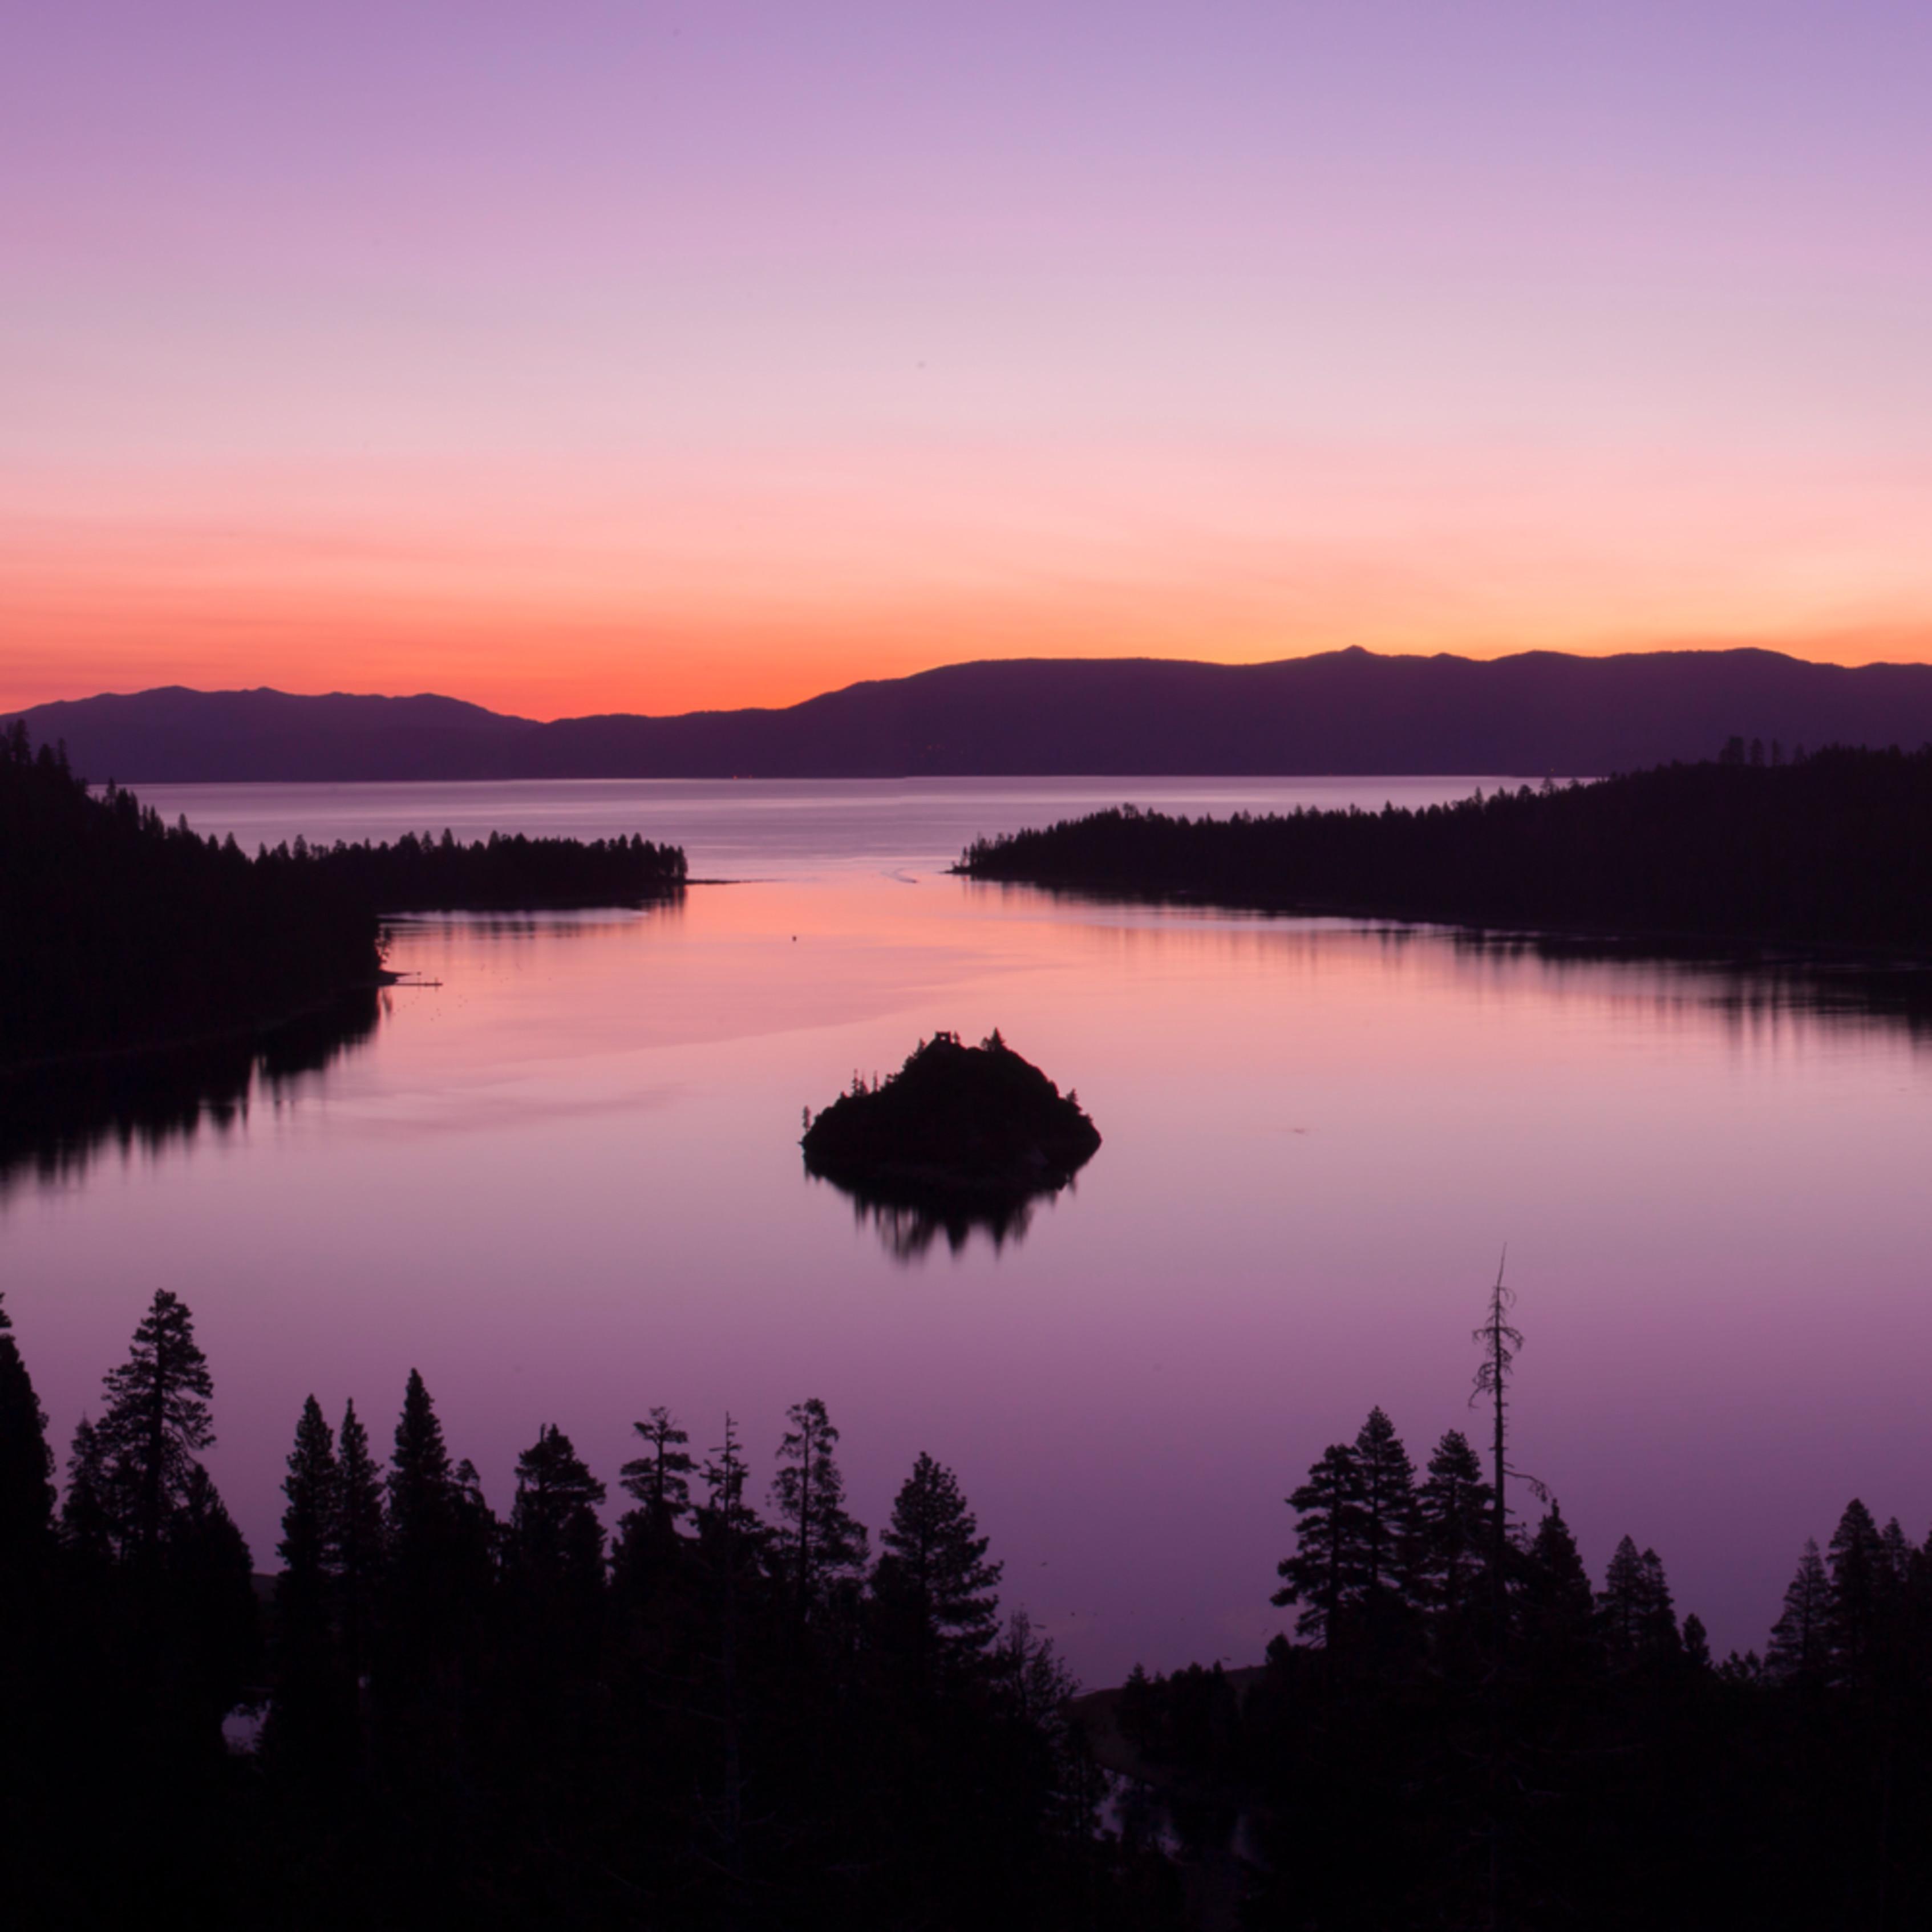 Emerald bay sunrise warm vrfkzc